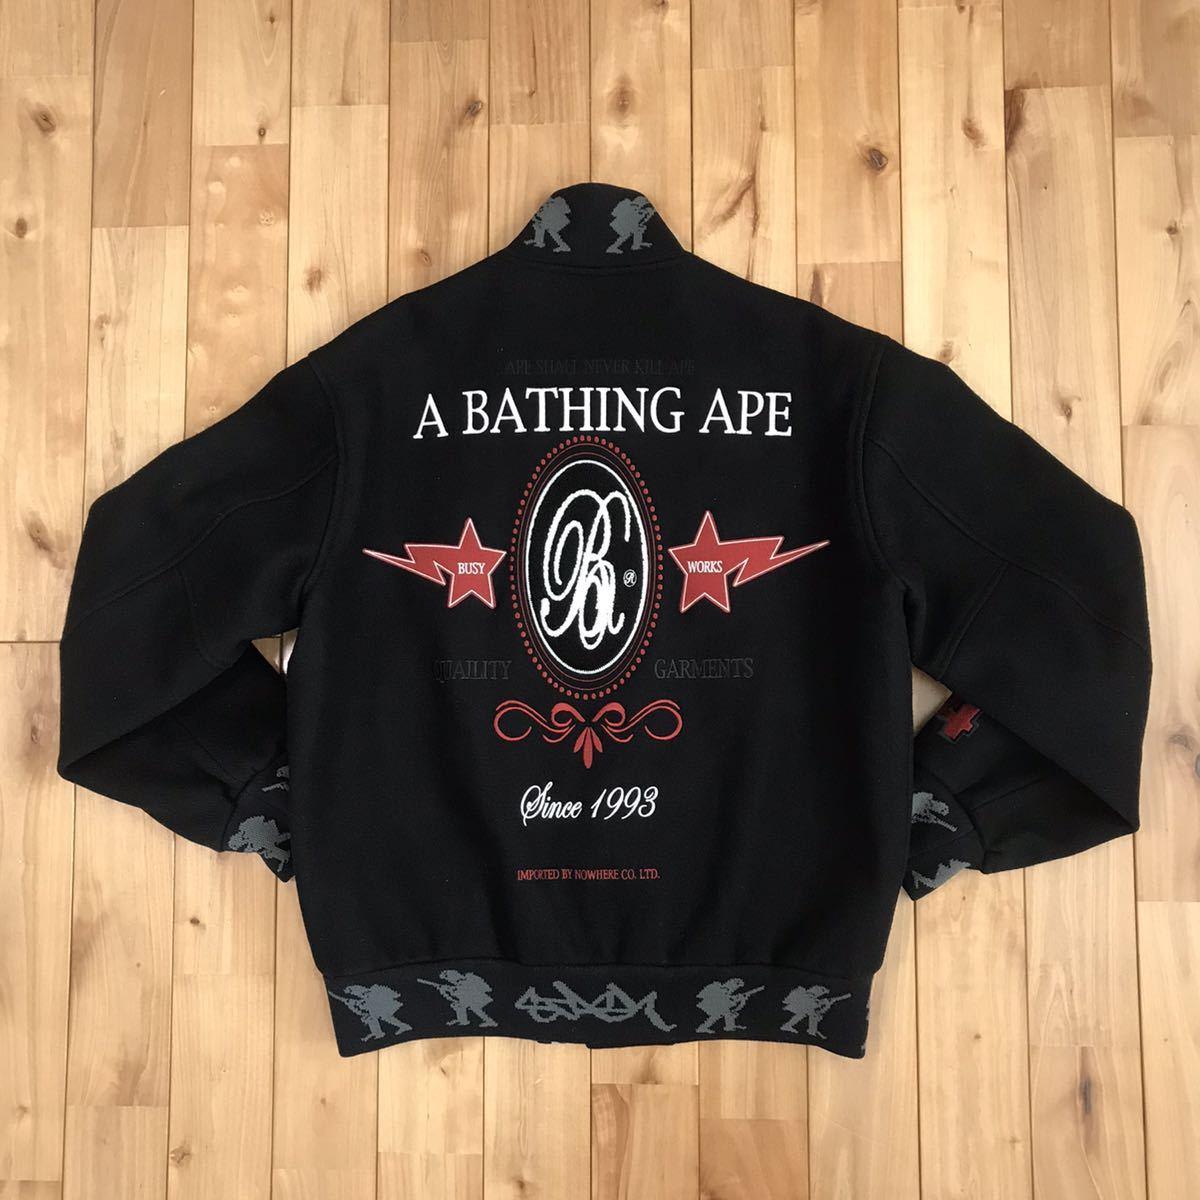 ★激レア★ stash × bape メルトン スタジャン Mサイズ a bathing ape エイプ ベイプ アベイシングエイプ varsity jacket スタッシュ nigo